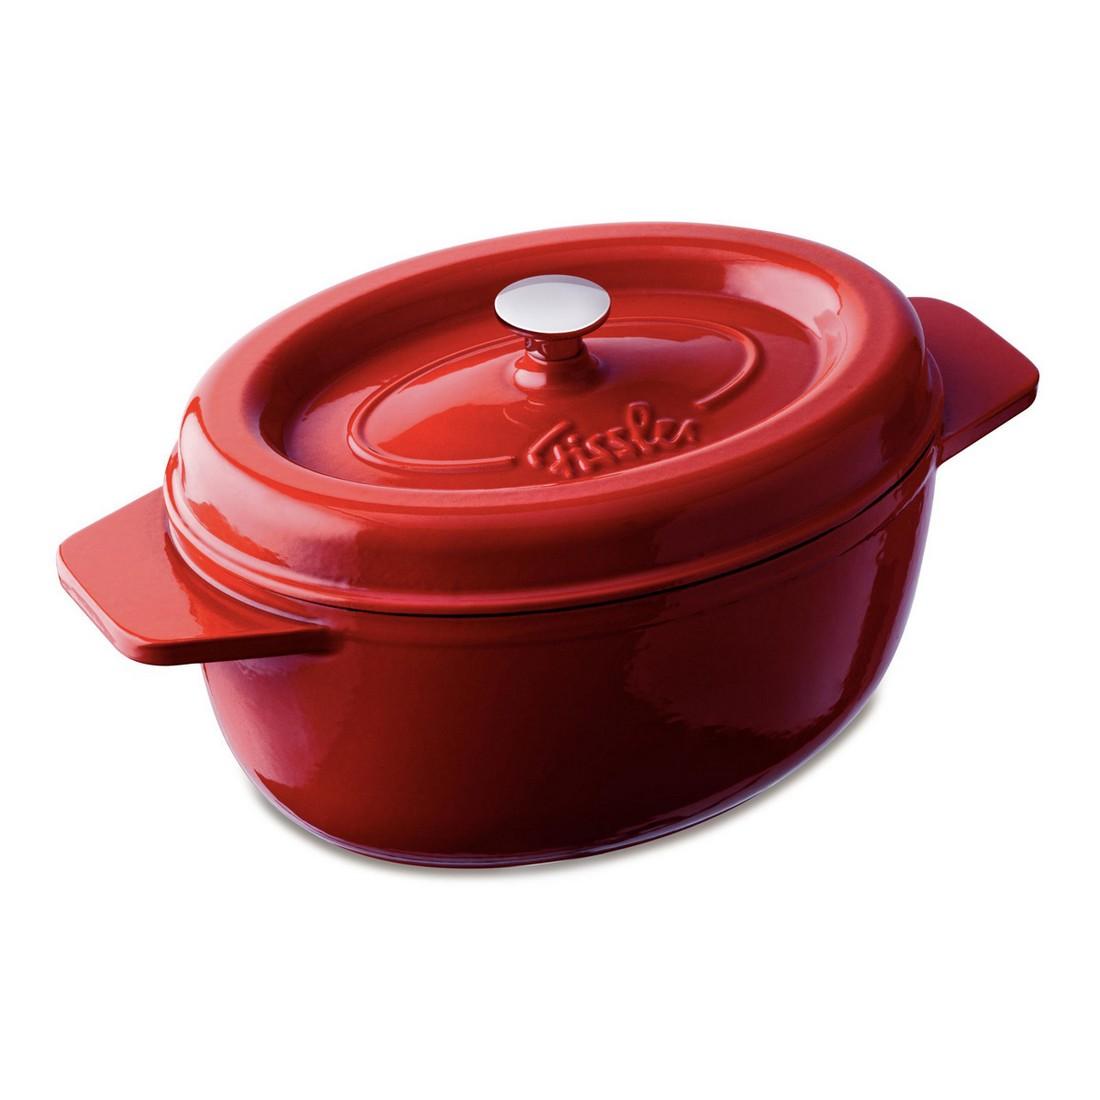 Bräter Arcana – 34 cm, oval, rot, Fissler günstig bestellen